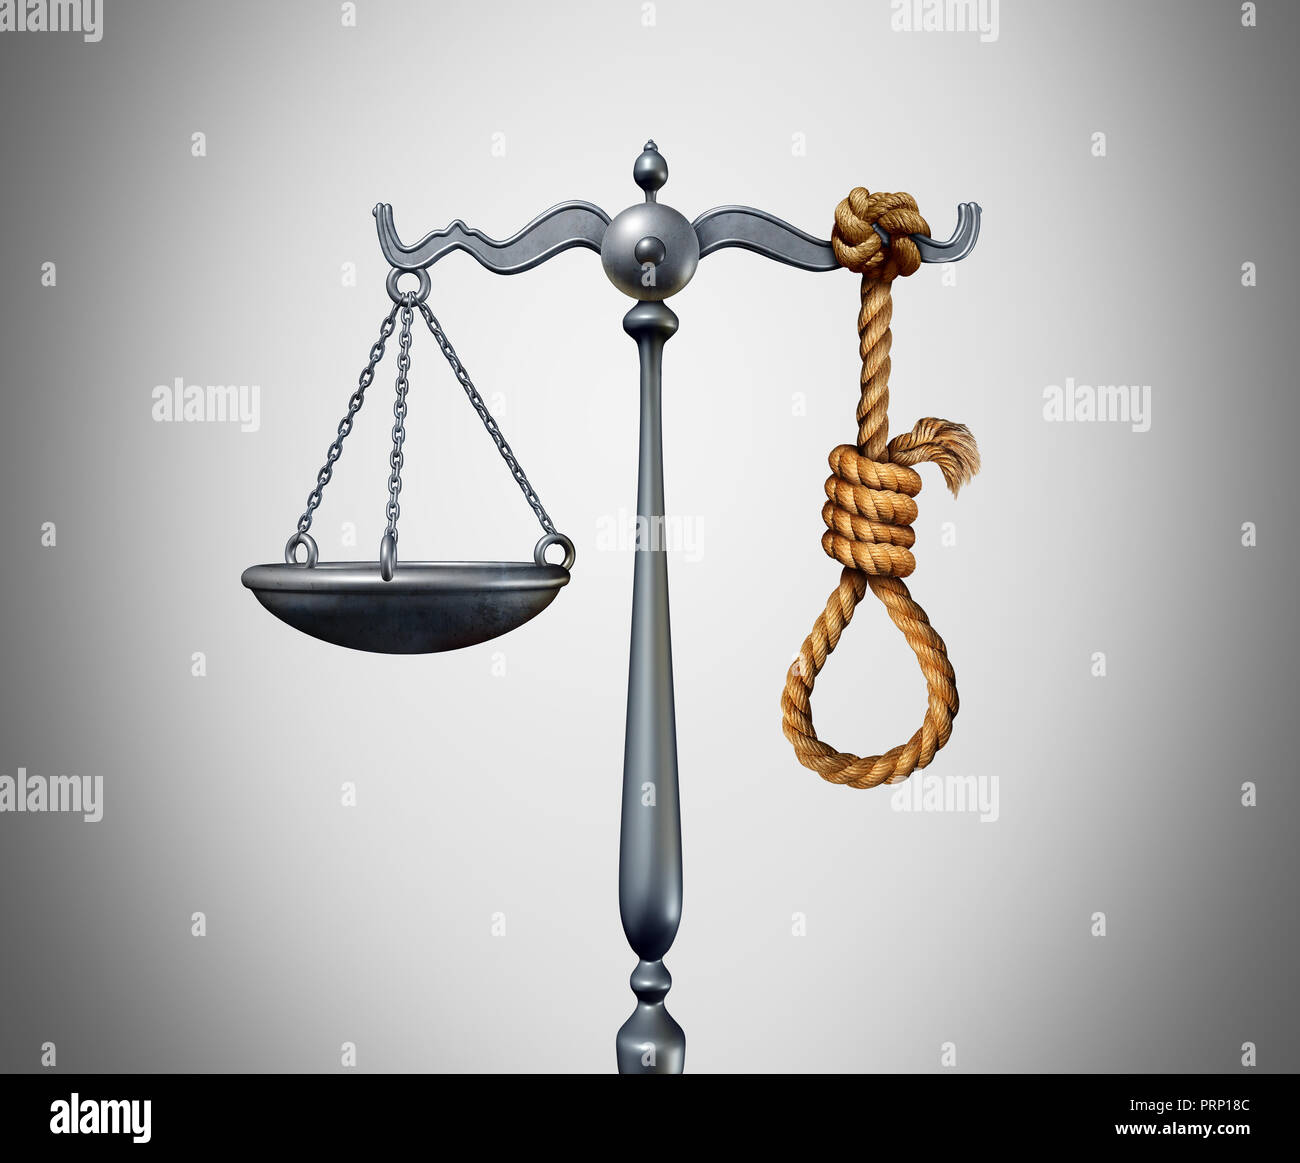 La pena de muerte y la pena de muerte como un criminal asesinado por el gobierno por el delito de homicidio con ilustración 3D elementos. Imagen De Stock